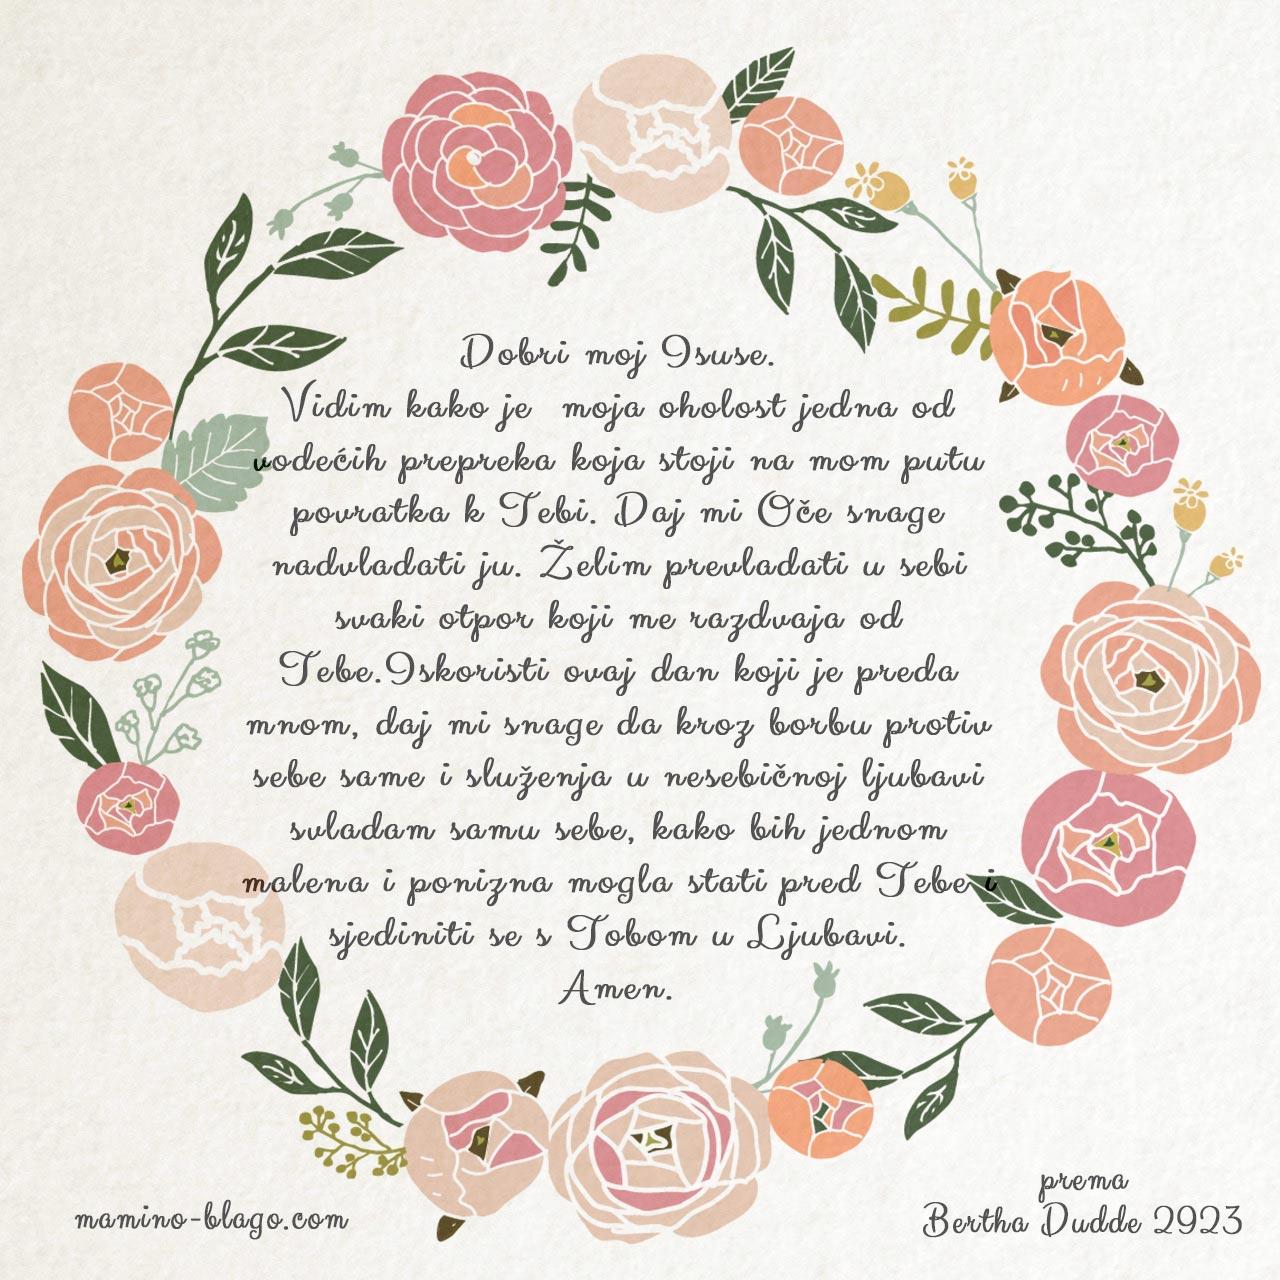 dnevne-molitve-da-bi-rasli-rastom-bozjim